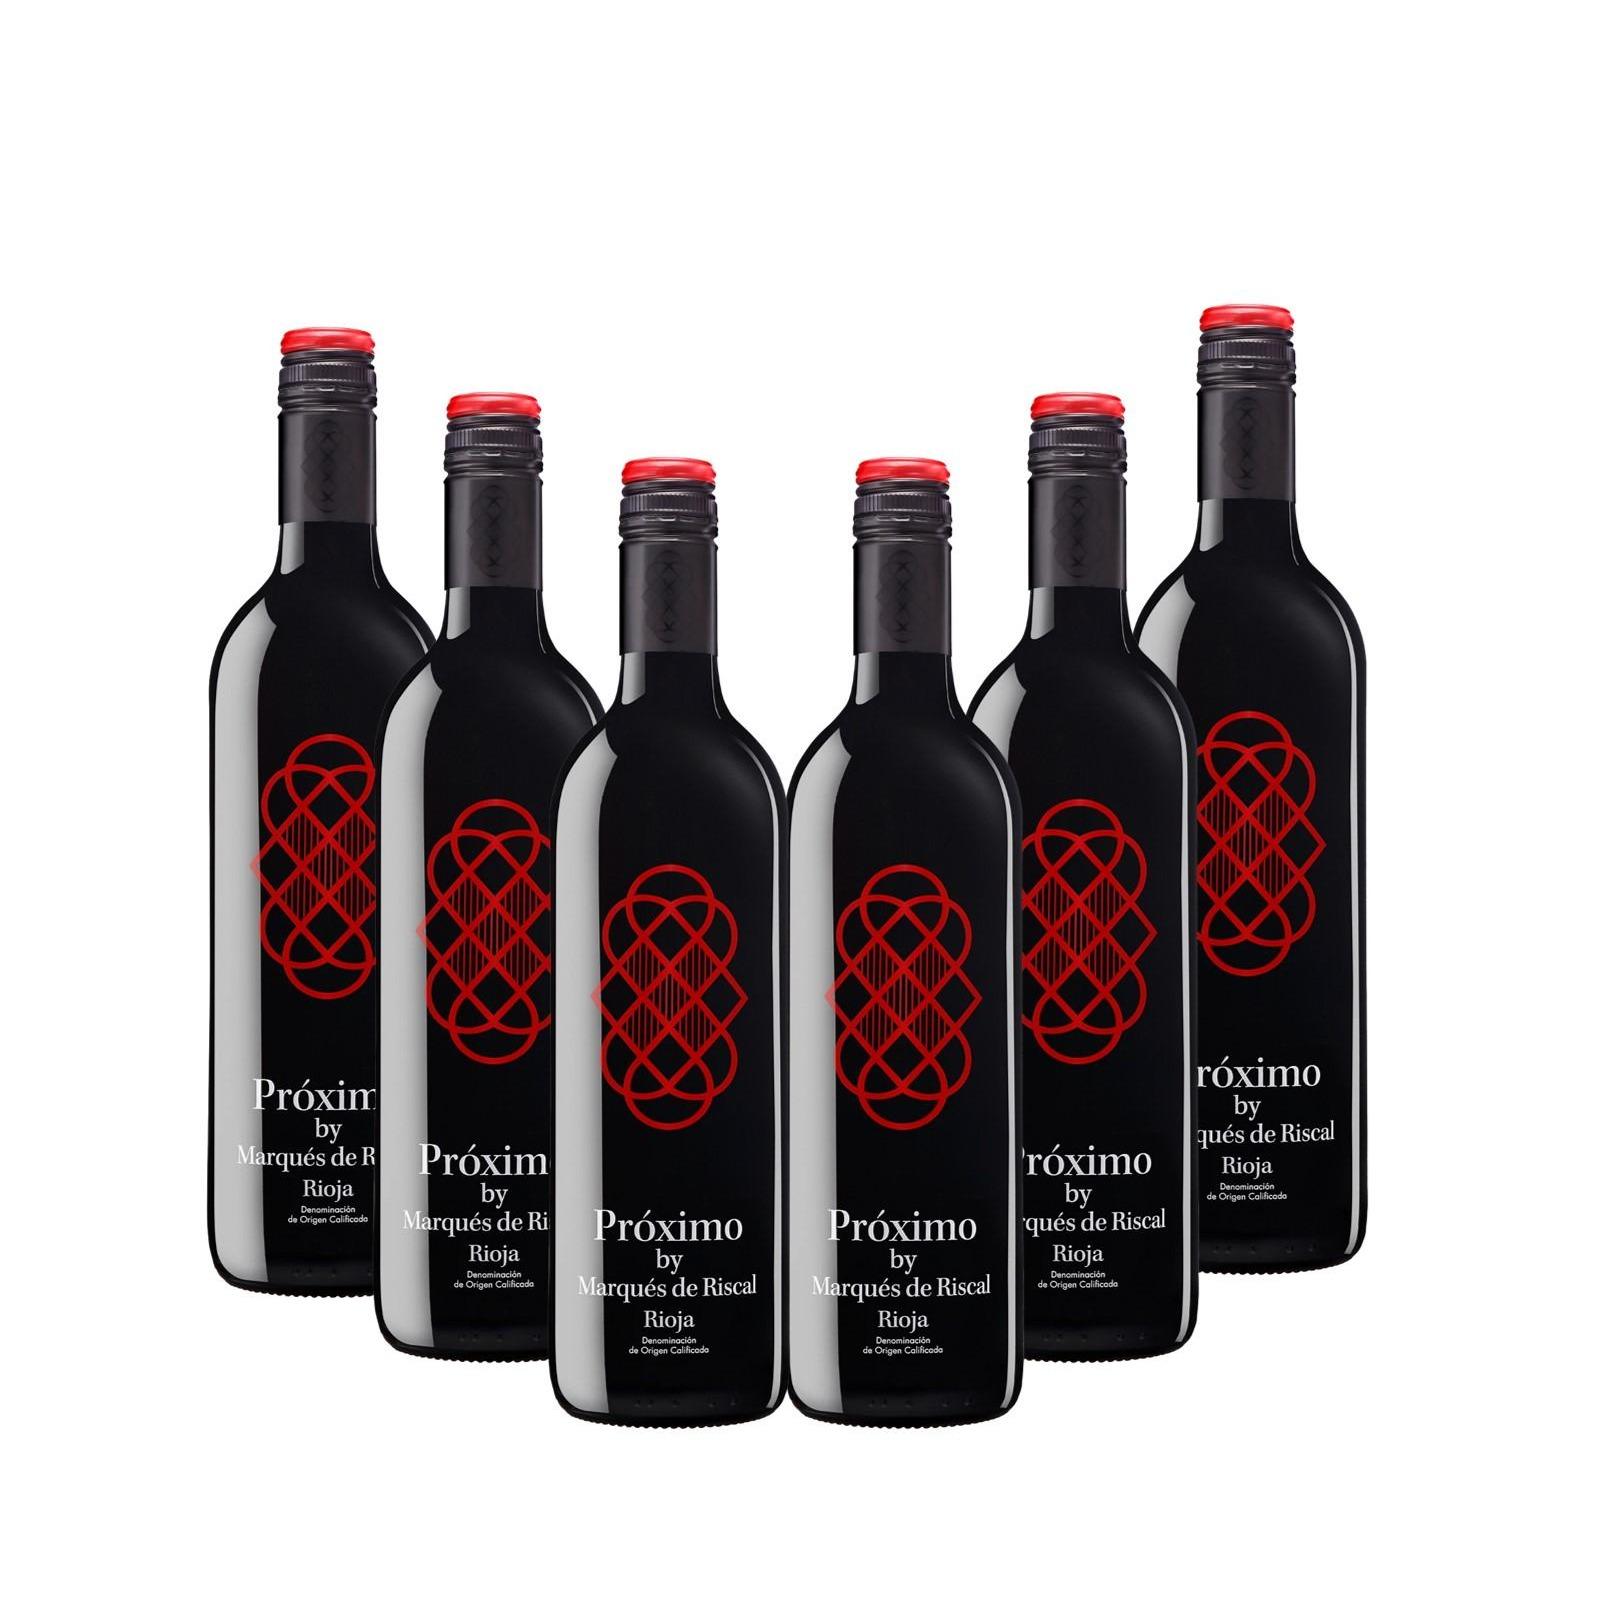 Marques de Riscal Proximo Rioja - Case